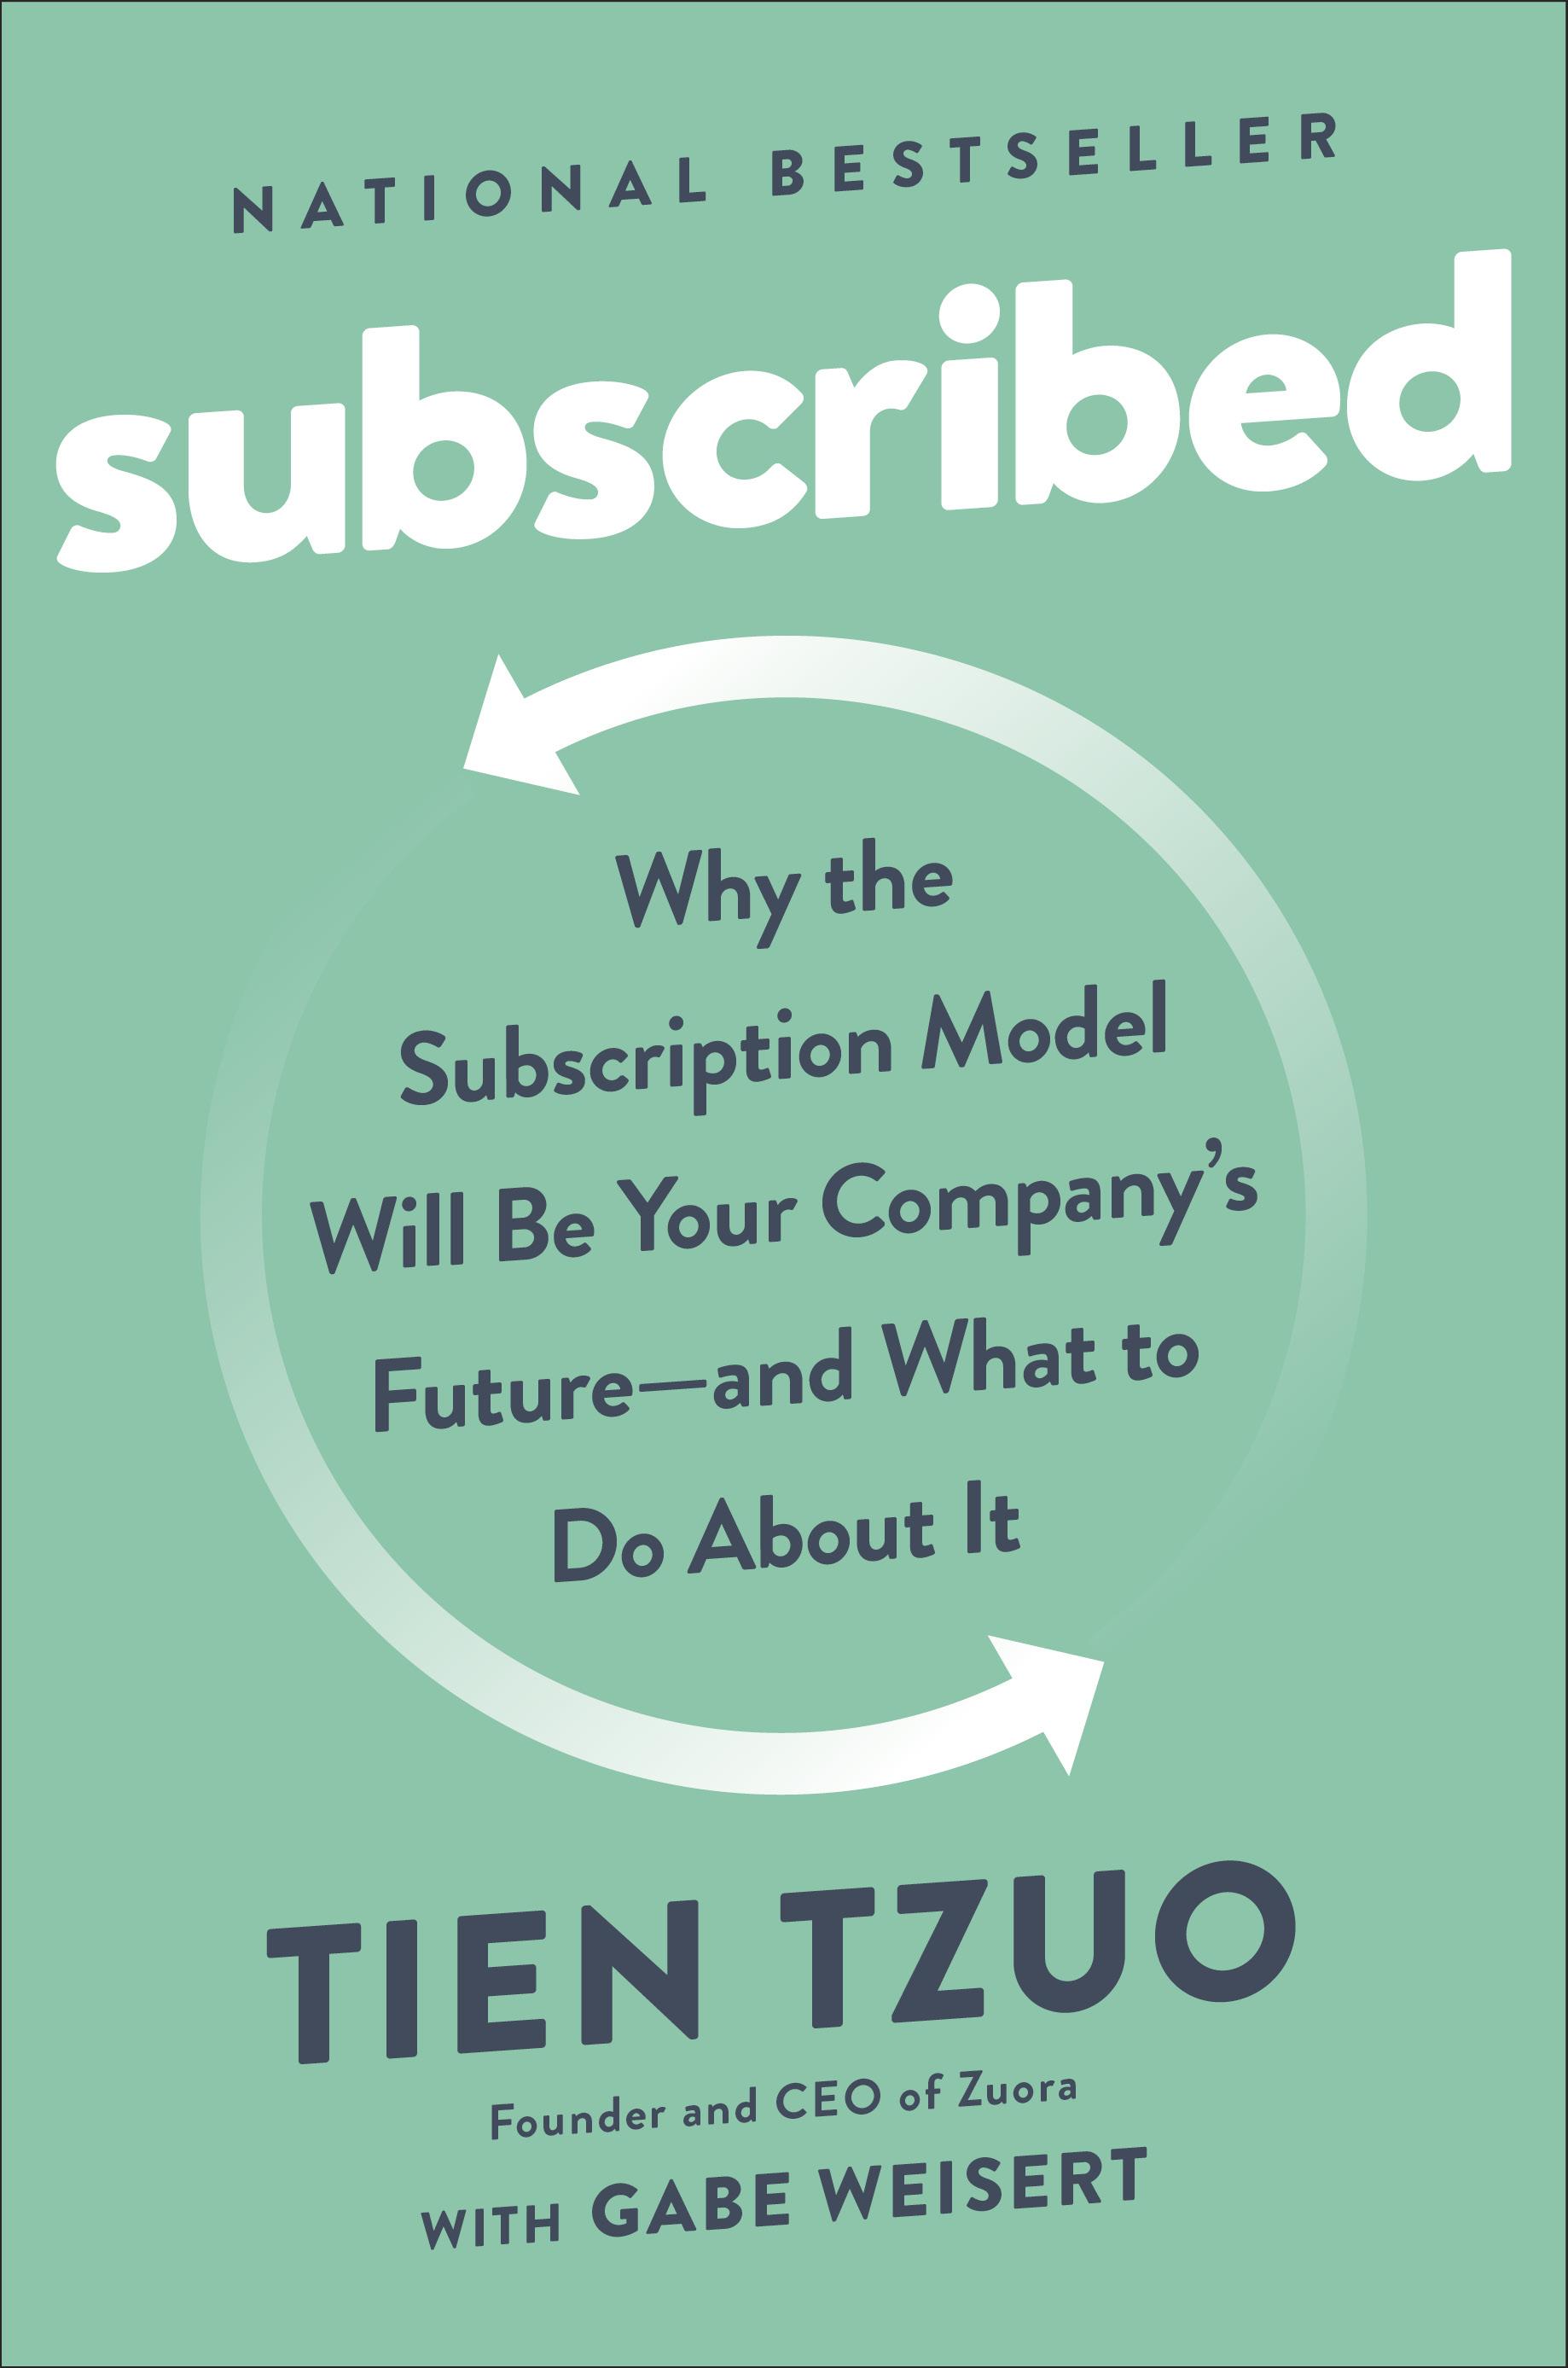 Subscribed_TienTzuo.jpg